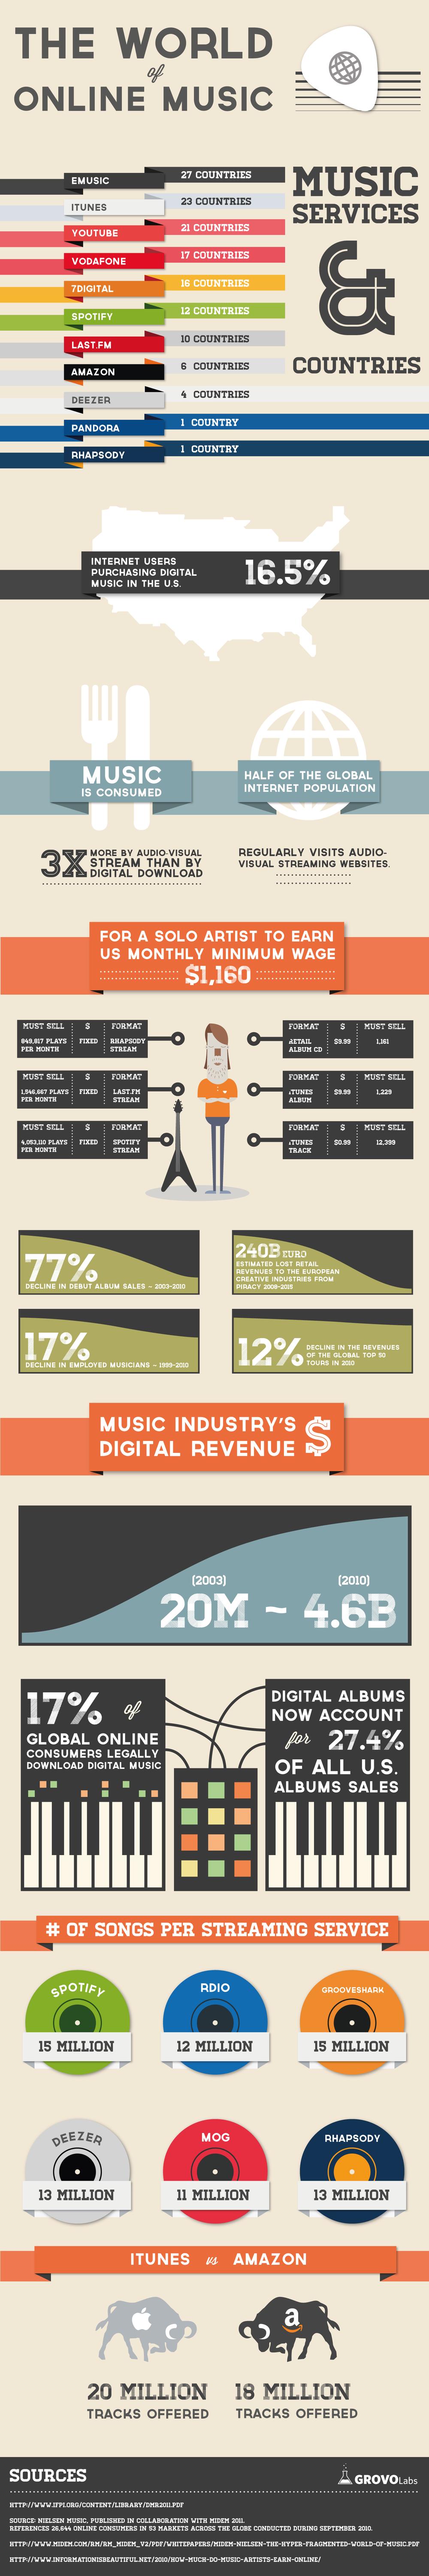 Le monde de la musique en ligne : Quelle rémunération ?